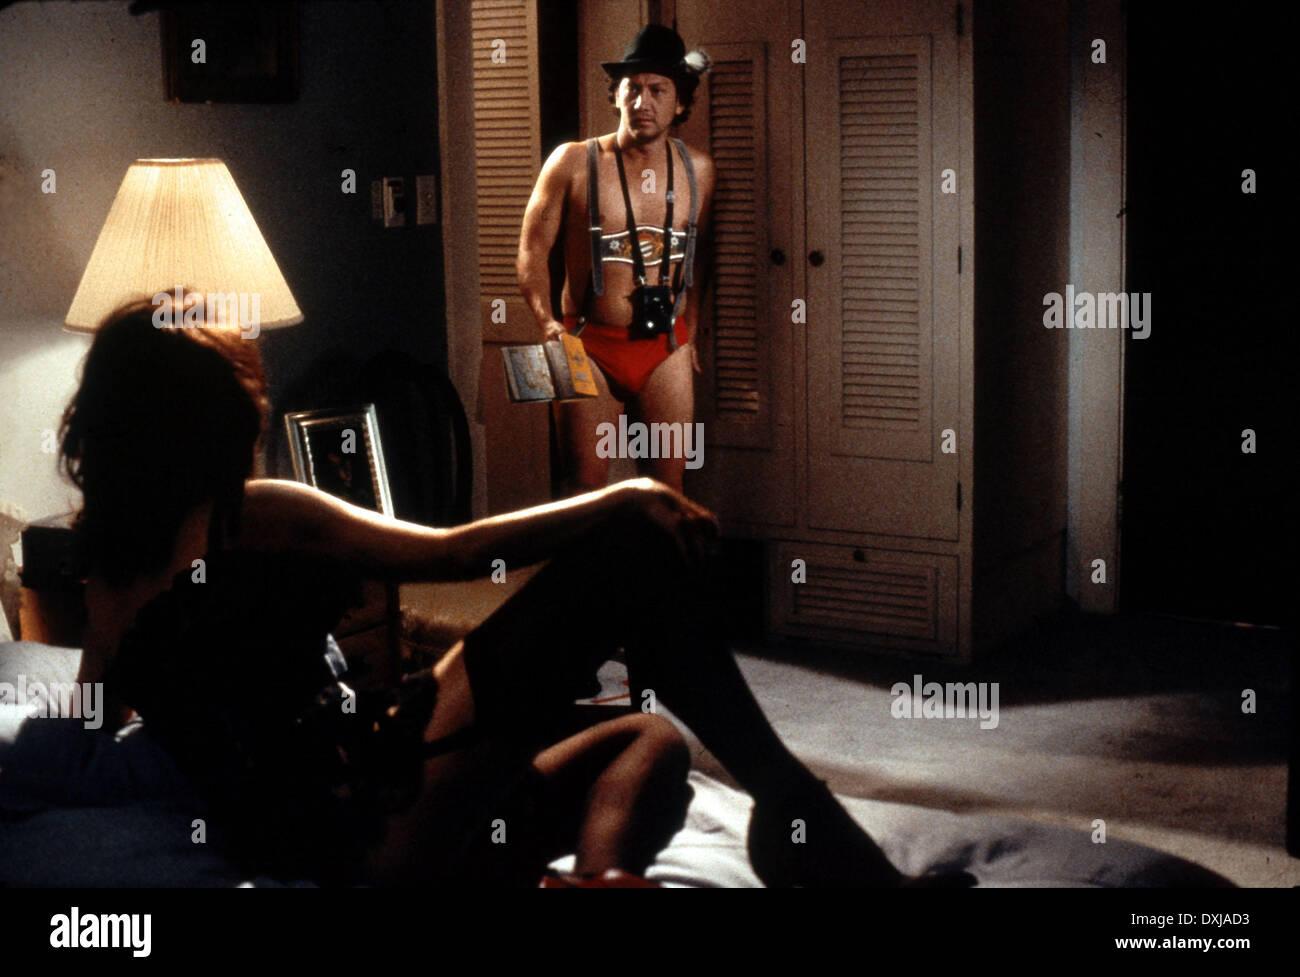 Cheeques strip club